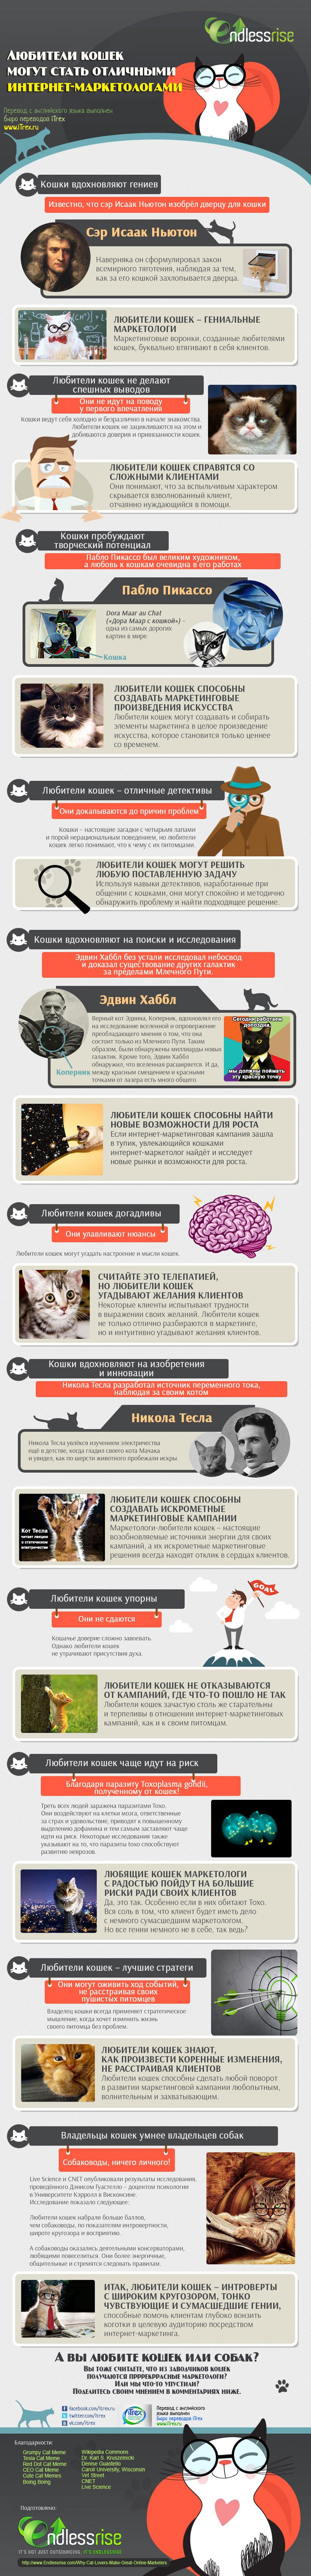 Перевод сделан в Бюро переводов iTrex, Москва: Любители кошек могут стать отличными интернет-маркетологами